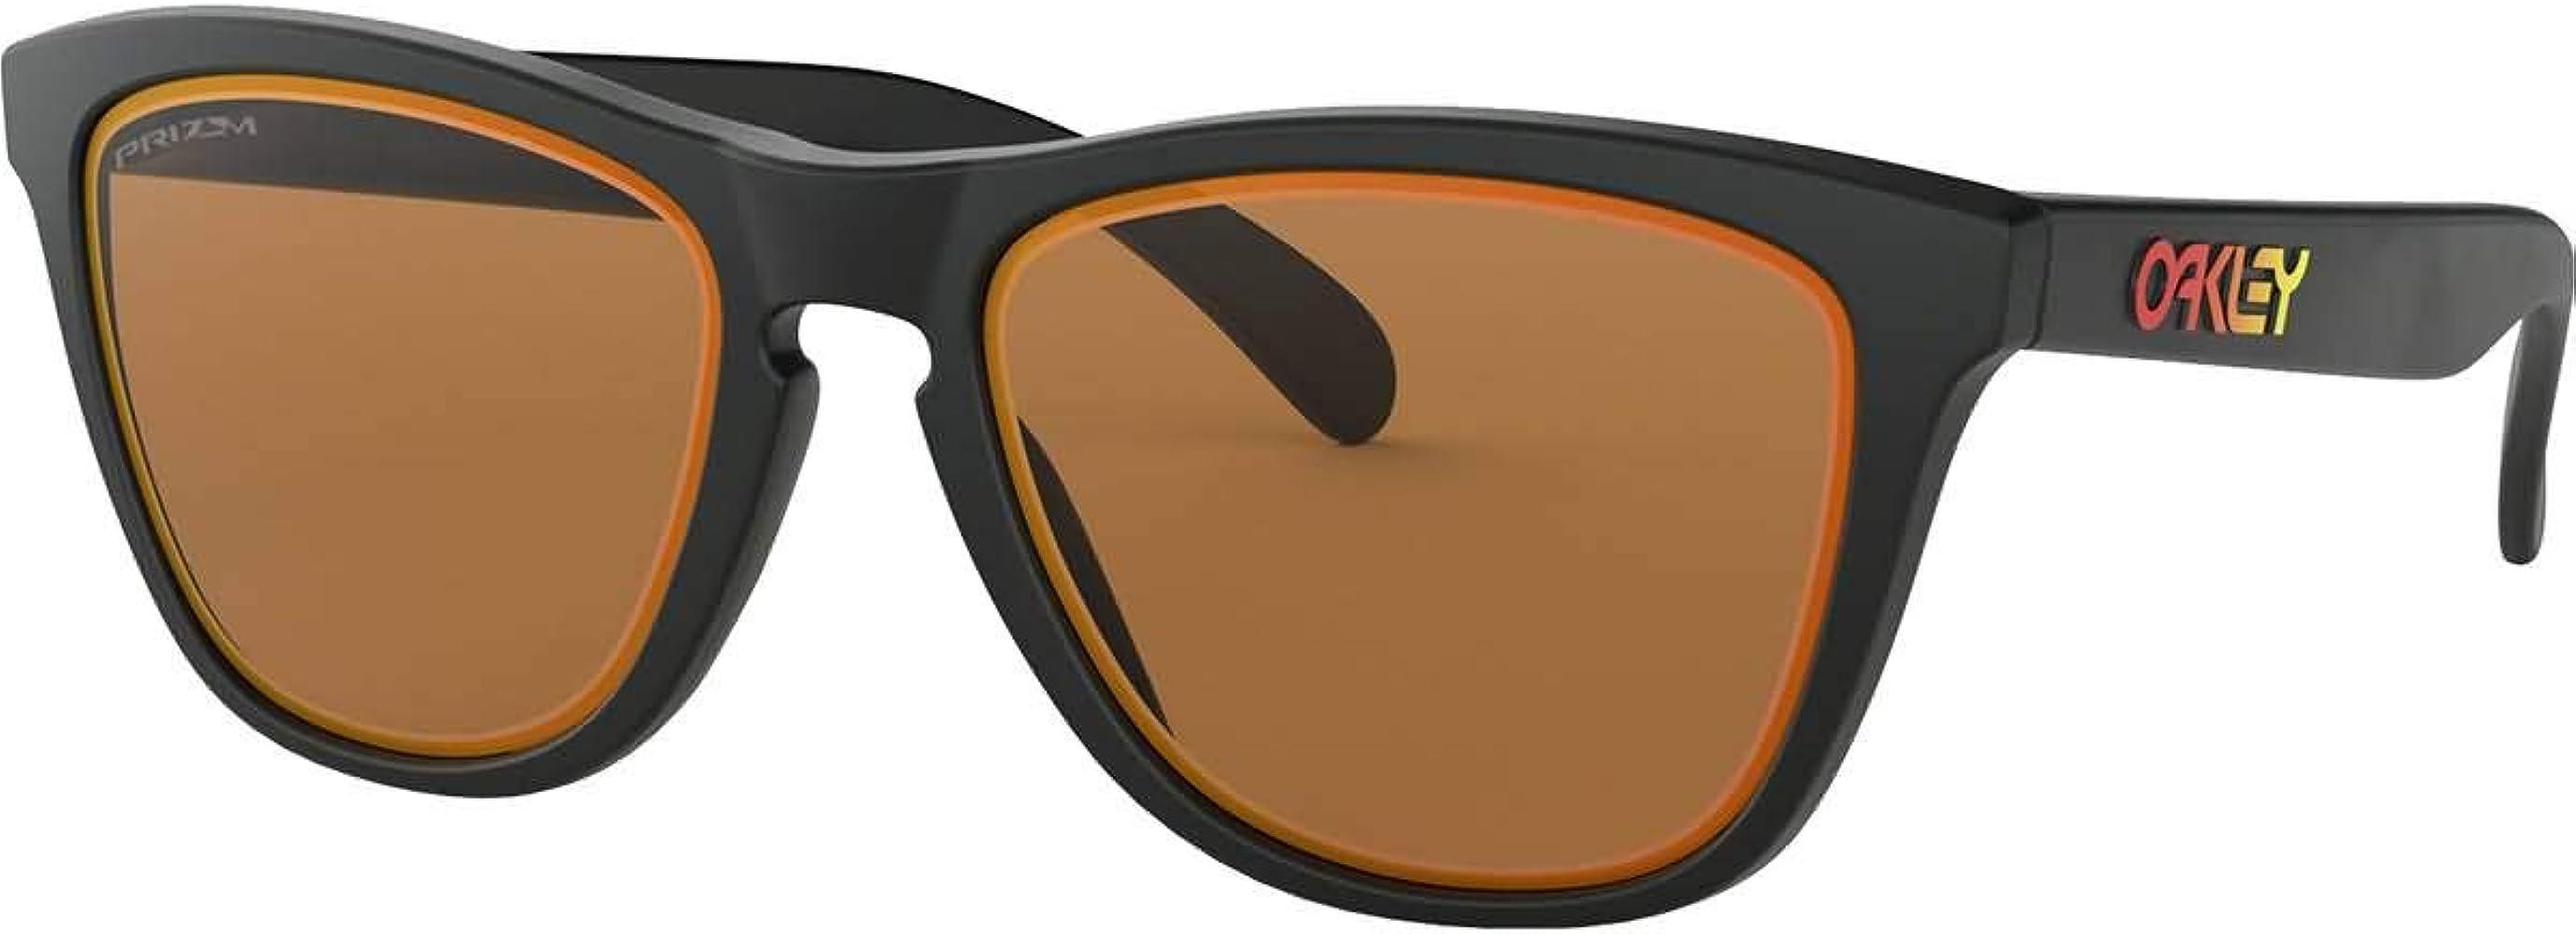 Amazon.com: Oakley Frogskin - Gafas de sol, Negro: Shoes